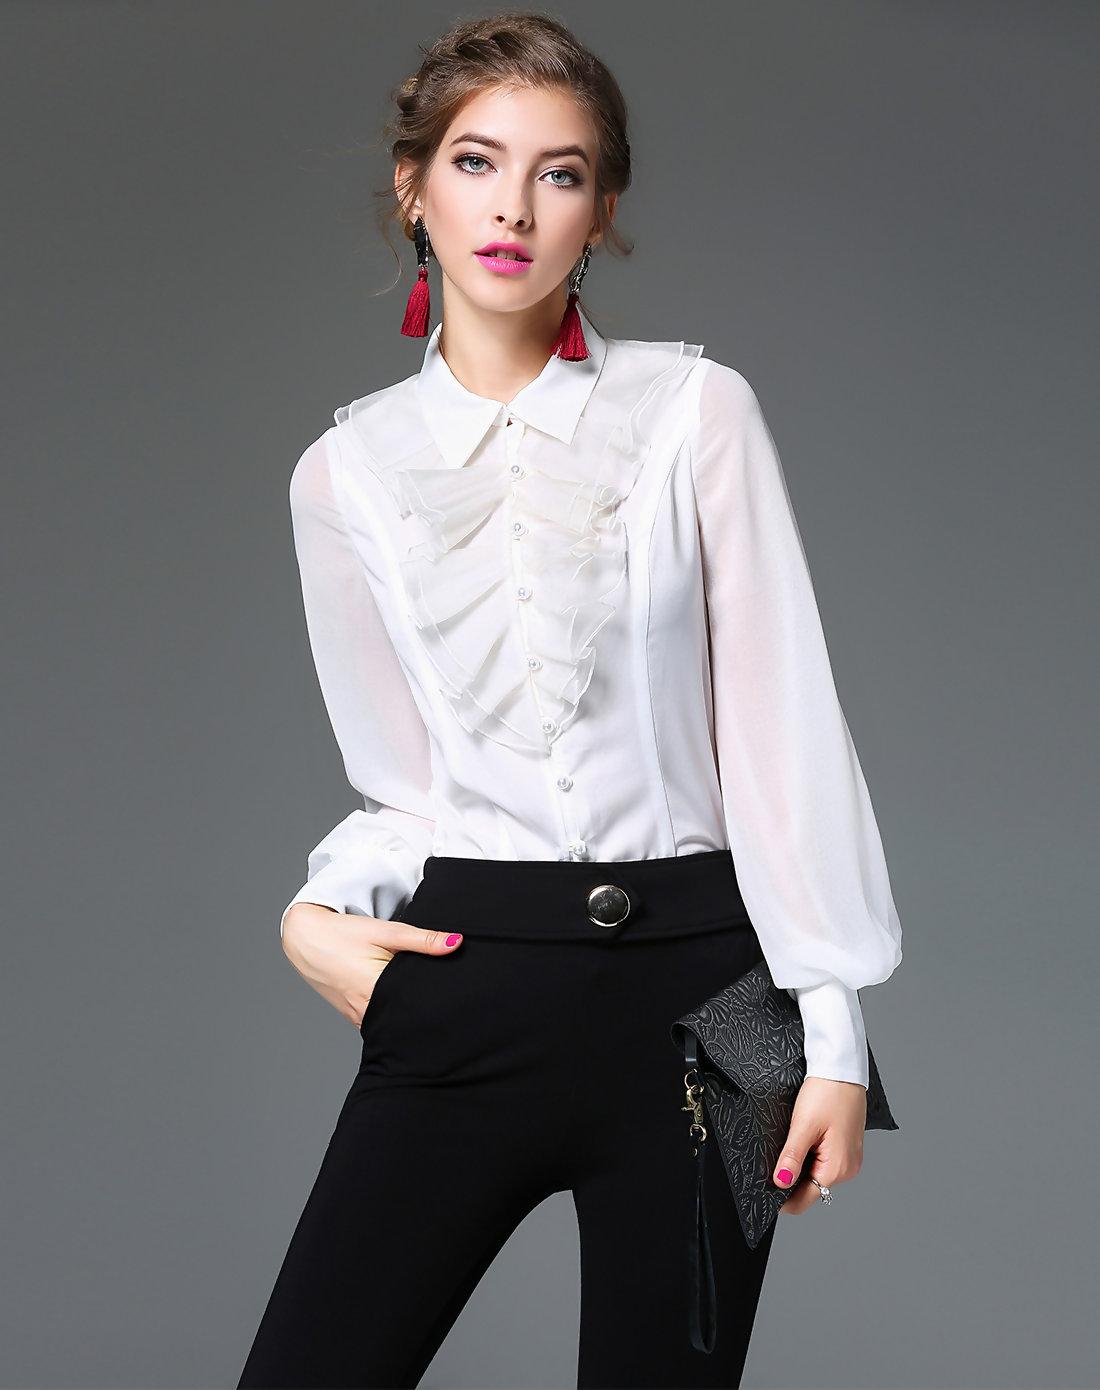 Как быстро сшить блузку без выкройки 21